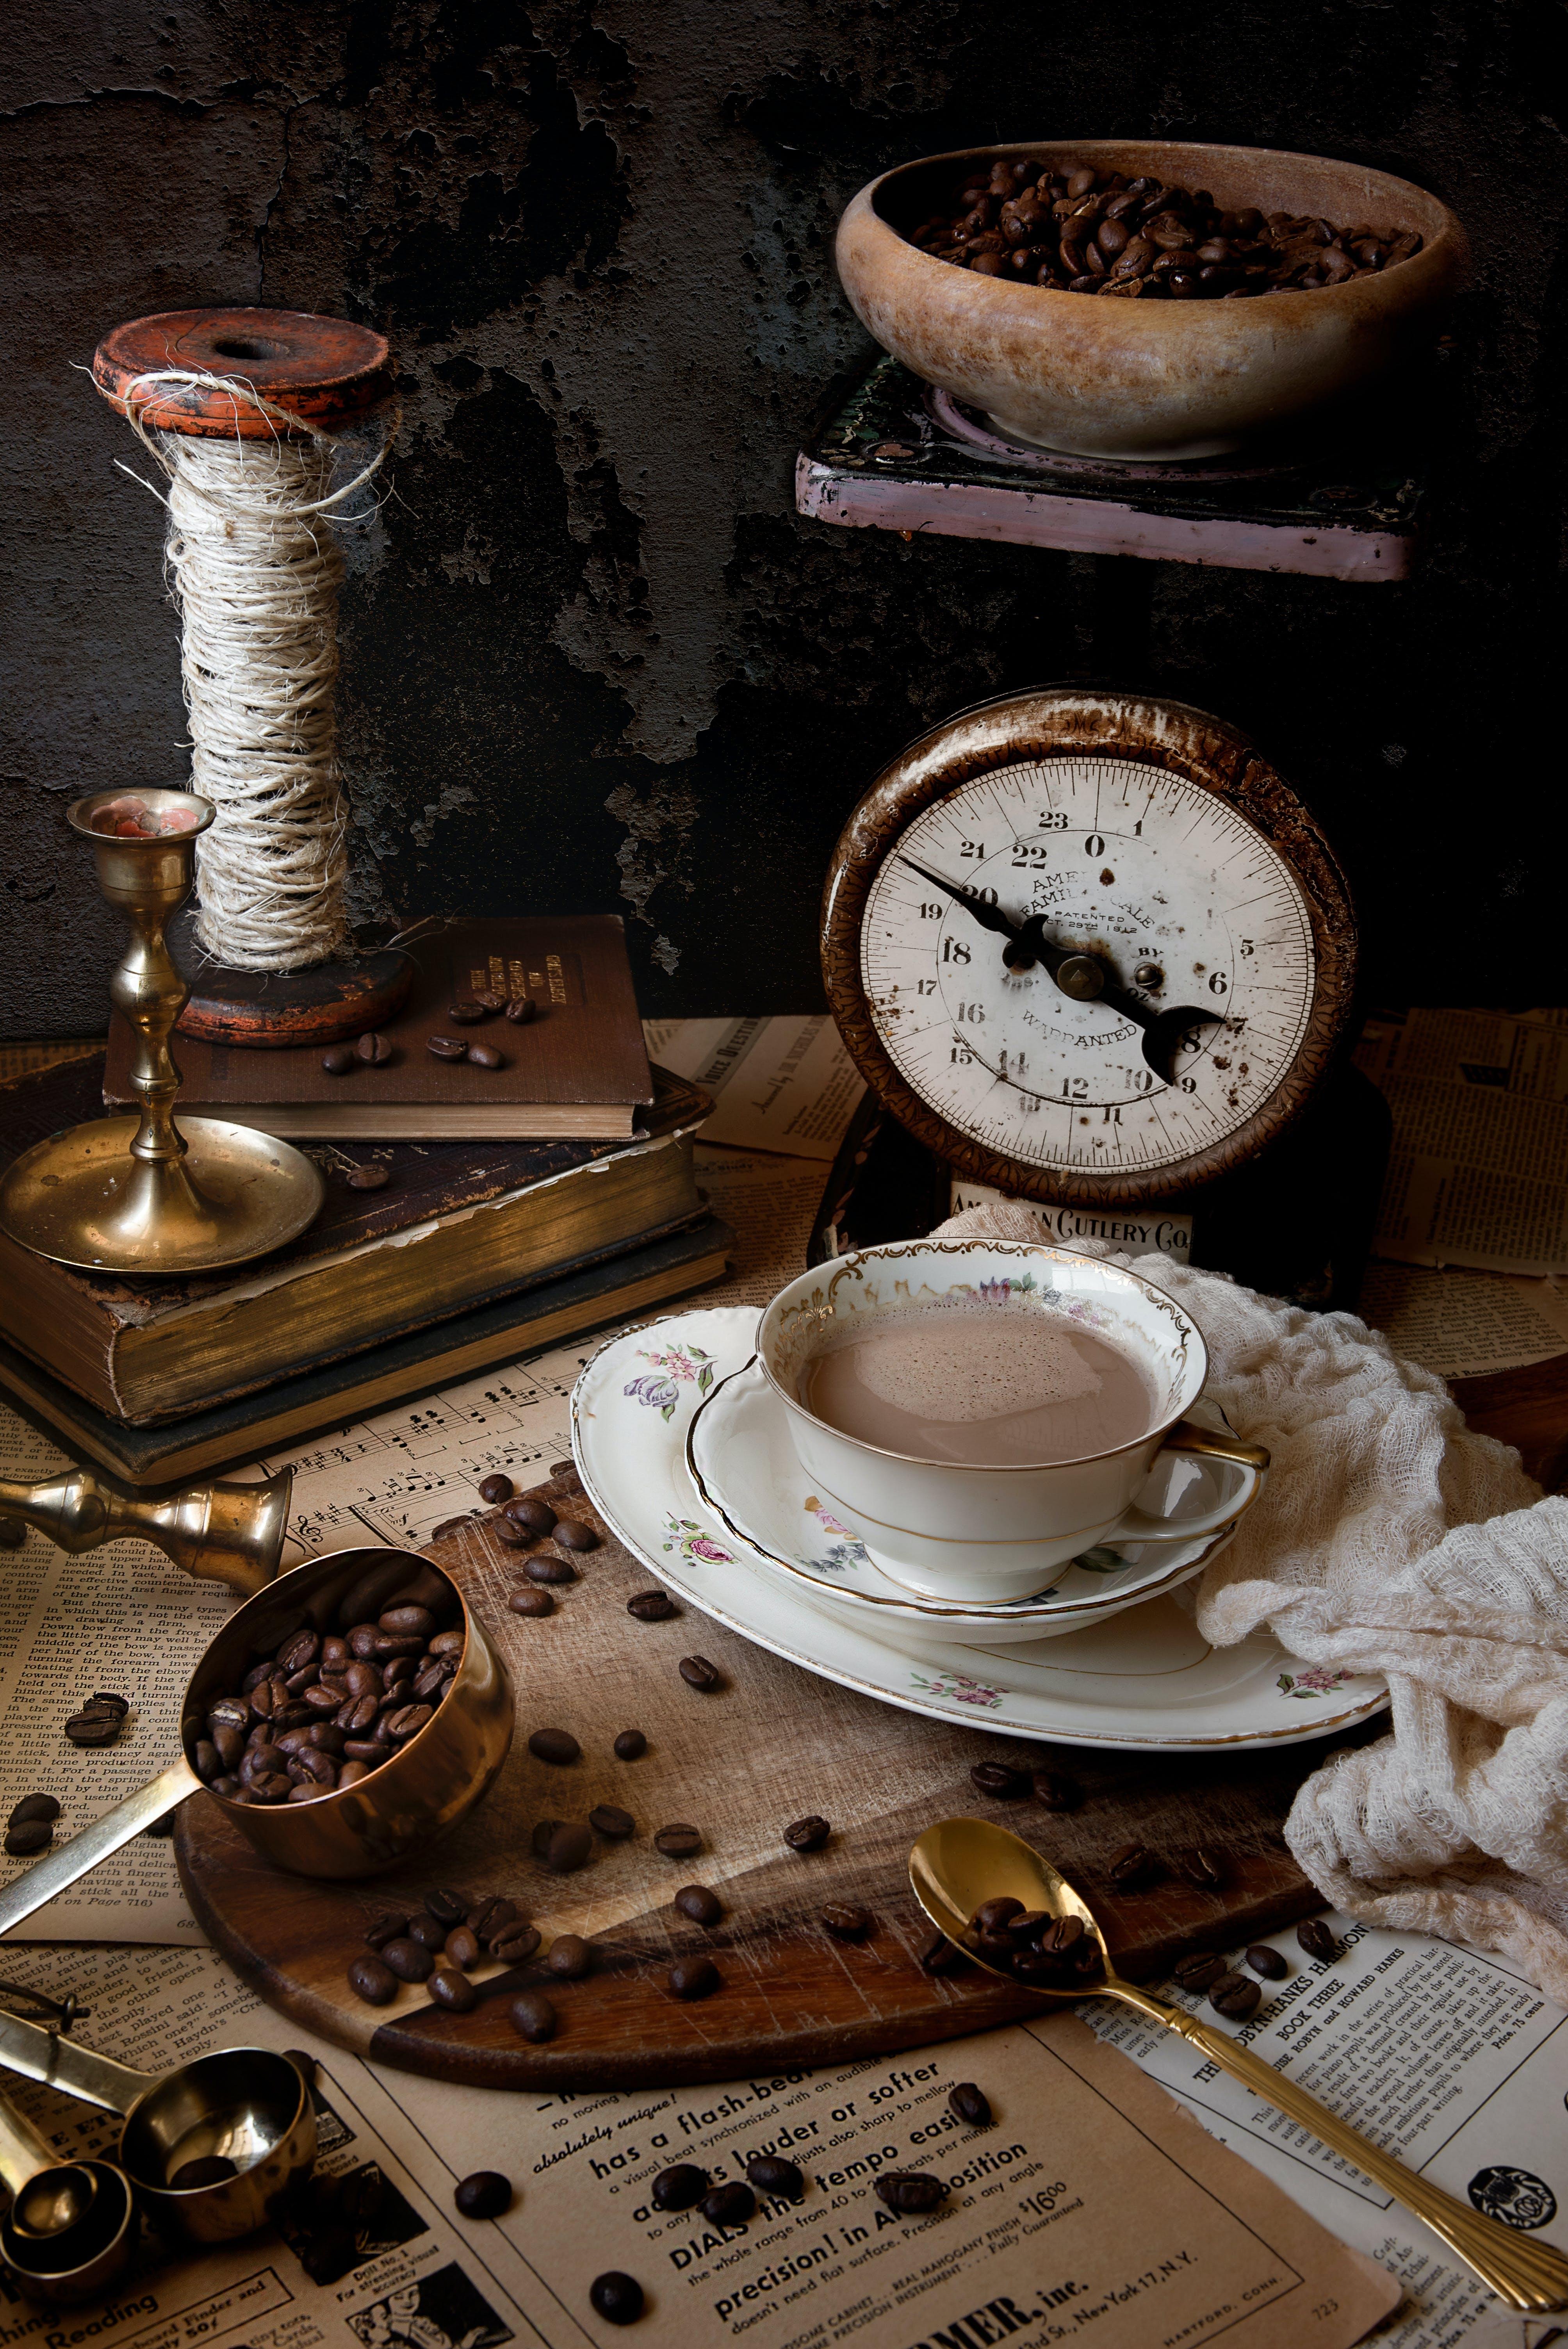 一杯咖啡, 古董, 咖啡, 咖啡因 的 免費圖庫相片